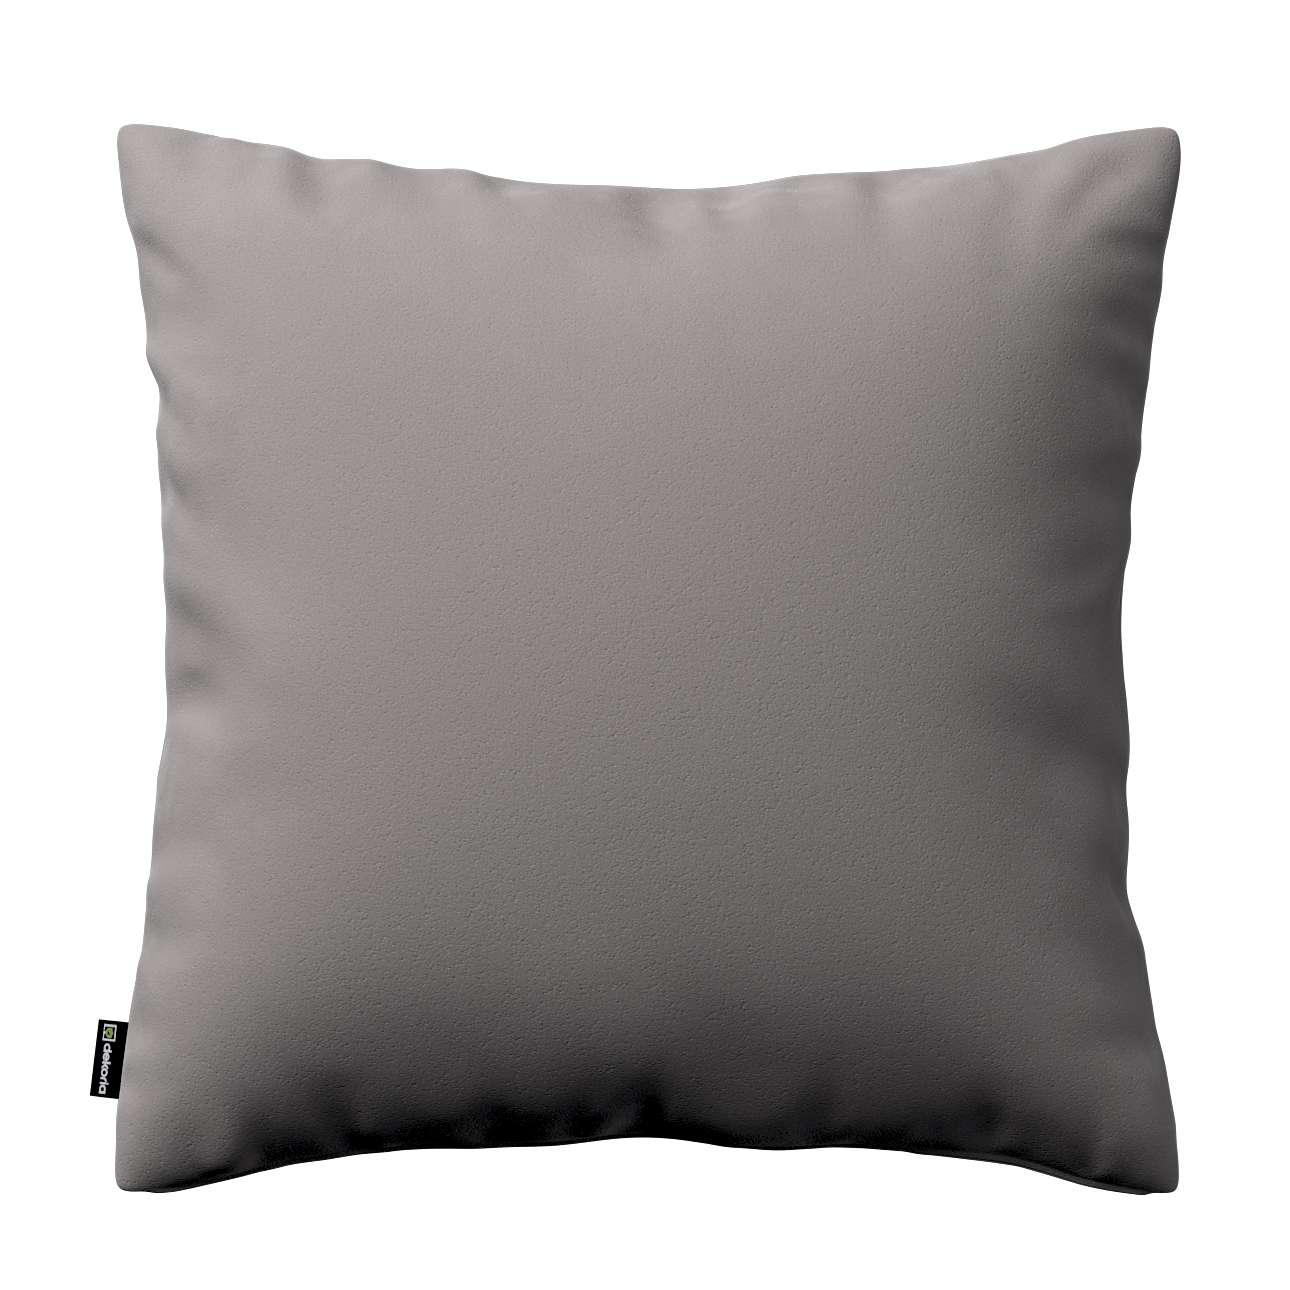 Poszewka Kinga na poduszkę w kolekcji Velvet, tkanina: 704-11